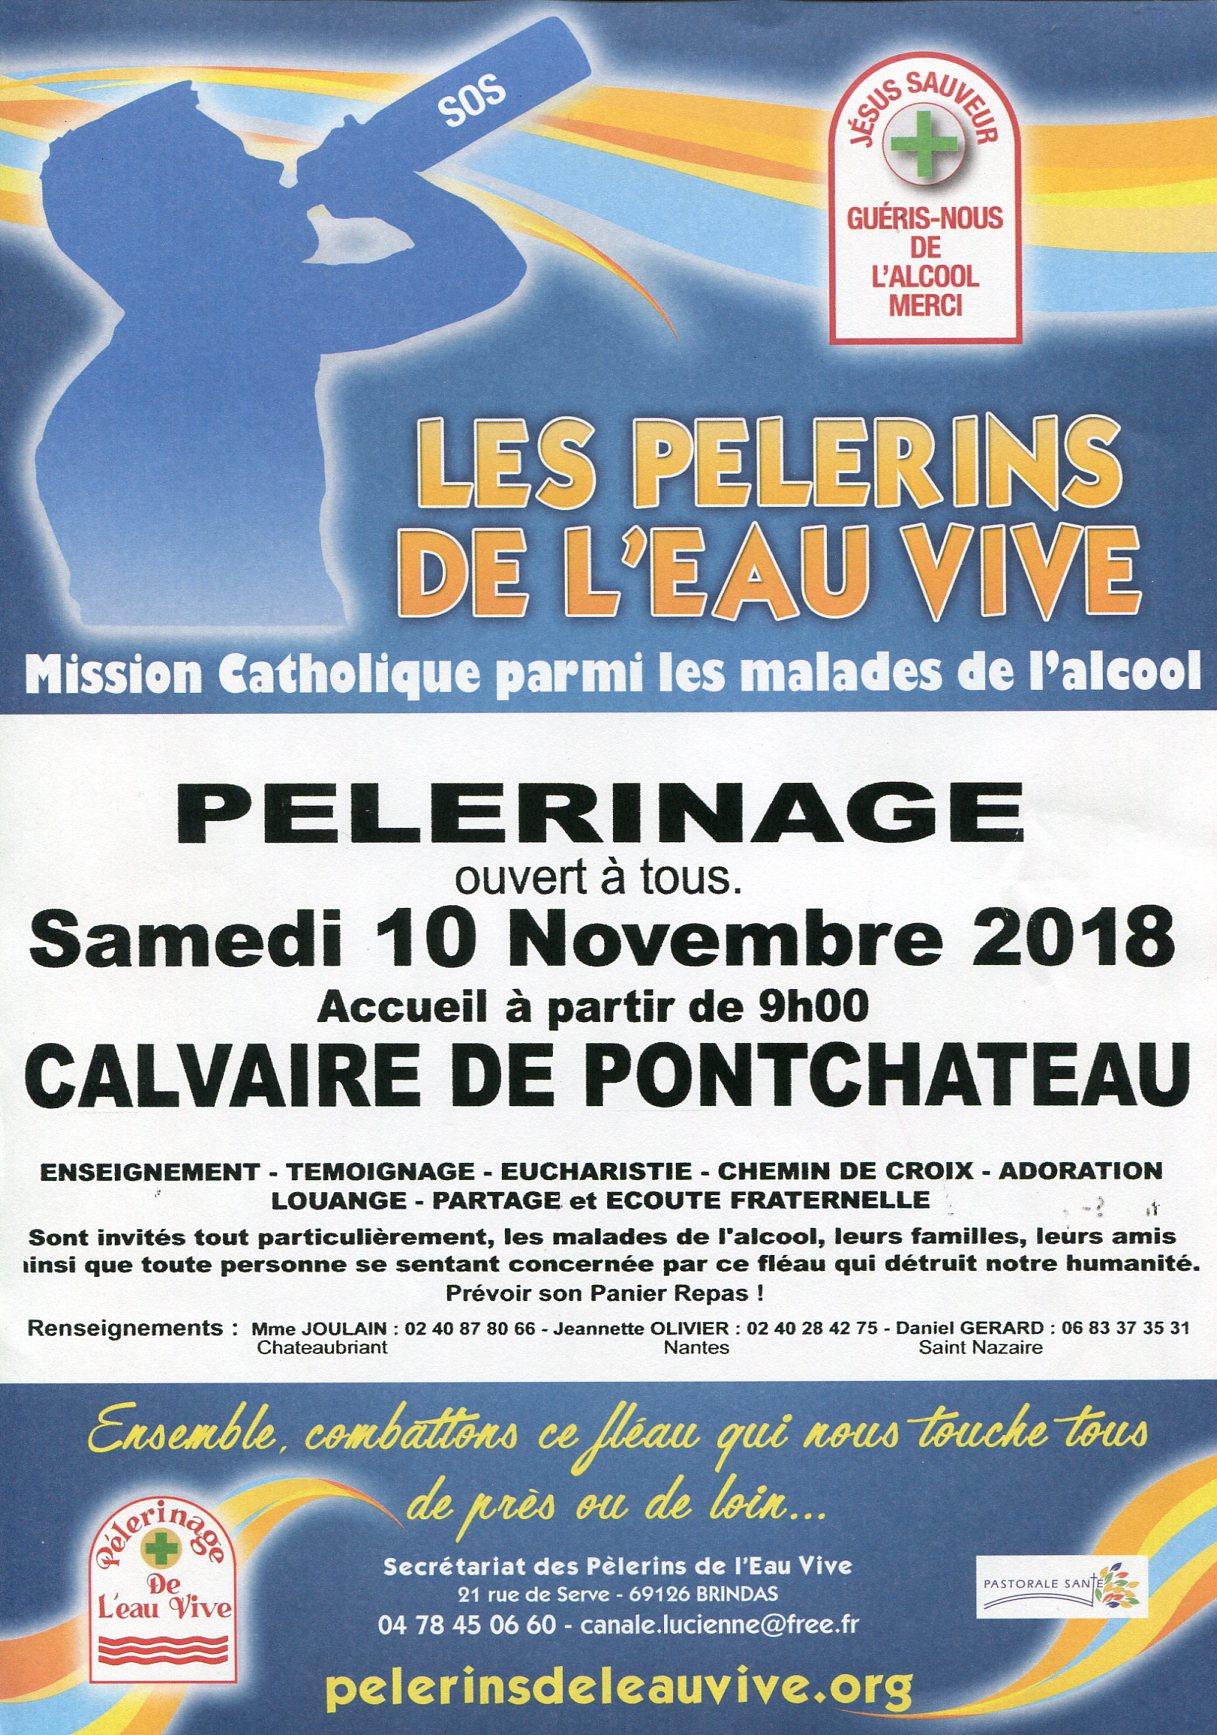 Pèlerinage De Vive Au 2018 Calvaire Pèlerins 10 Des Novembre L'eau qPxwZ1X